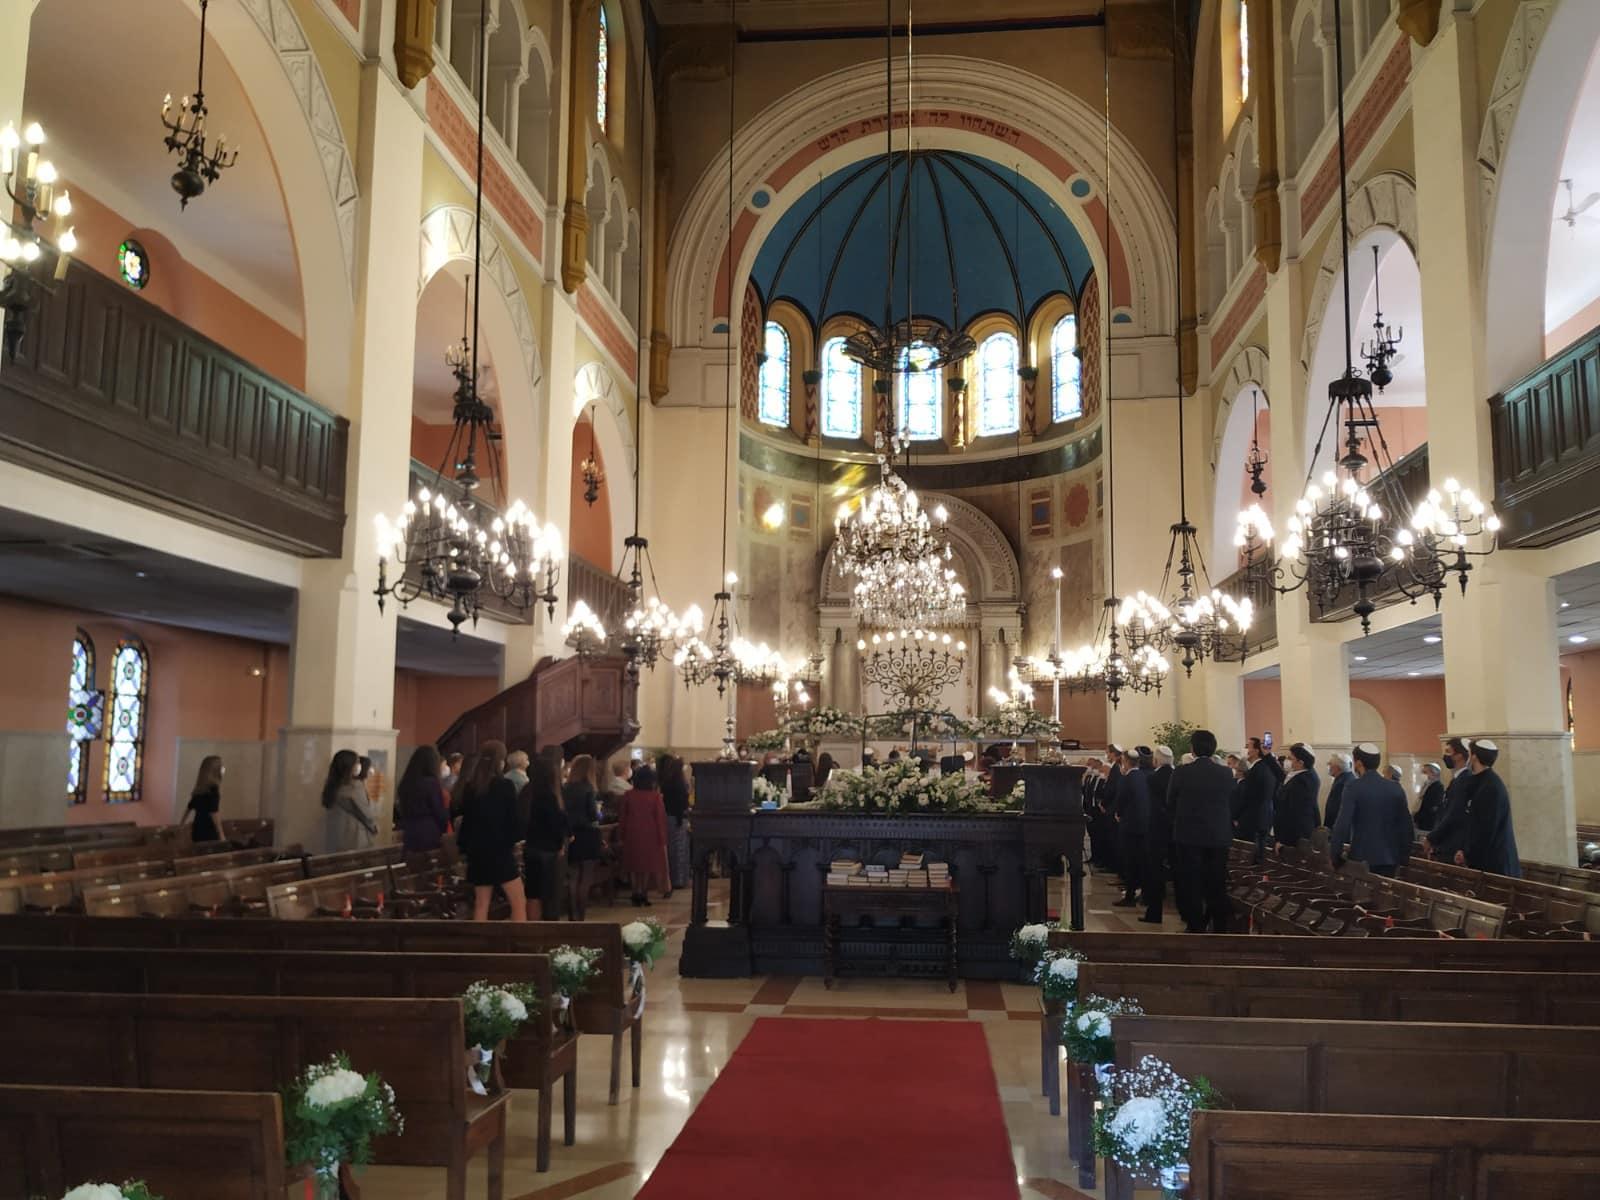 חתונה בבית הכנסת הגדול של מרסיי, 21 באוקטובר 2020 (צילום: יעקב שוורץ)